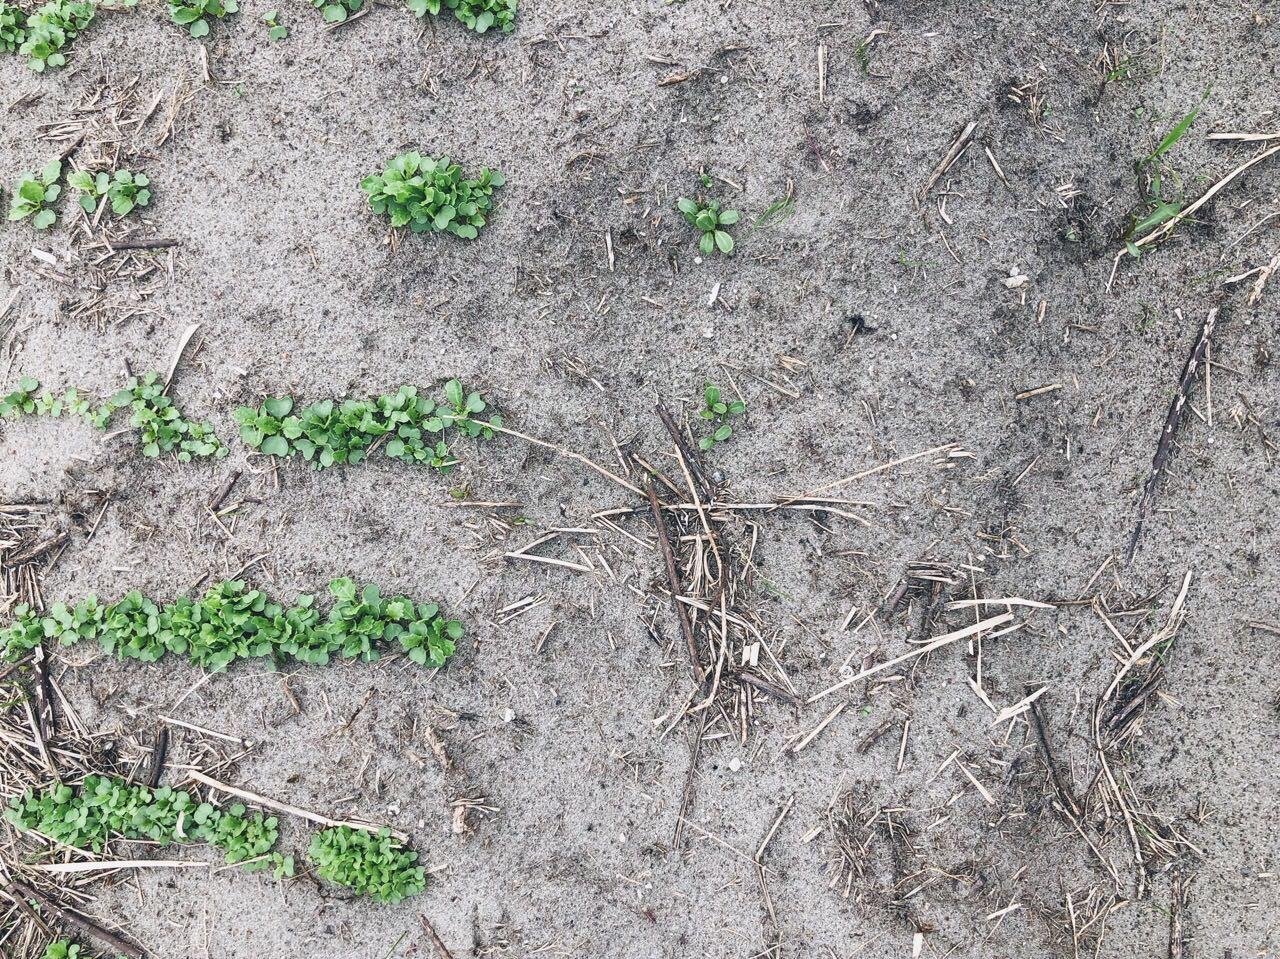 小ガブとゴボウの芽